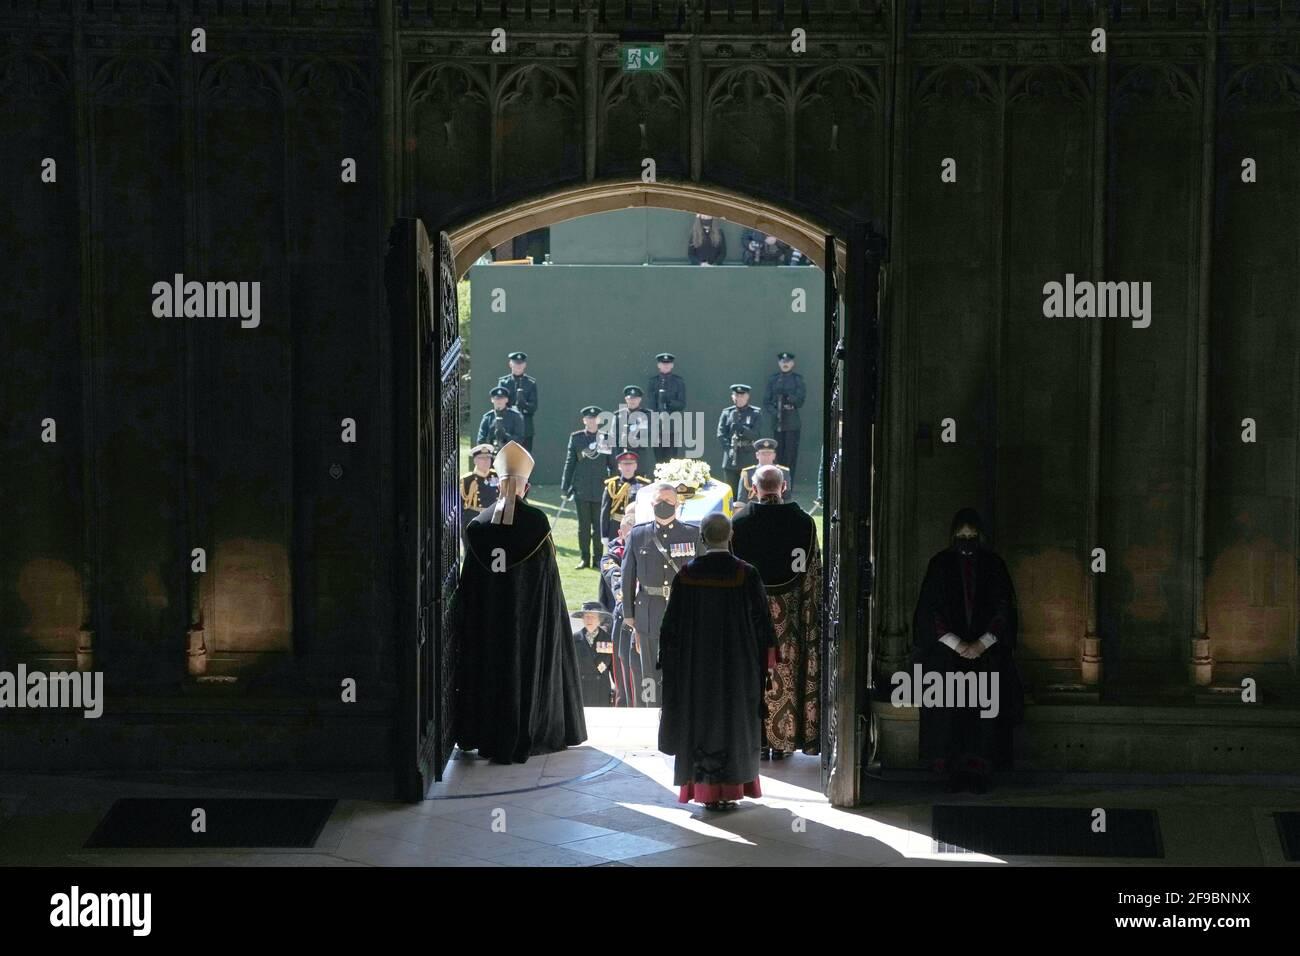 Les porteurs de Pall transportant le cercueil du duc d'Édimbourg dans la chapelle Saint-Georges, château de Windsor, Berkshire. Date de la photo: Samedi 17 avril 2021. Banque D'Images